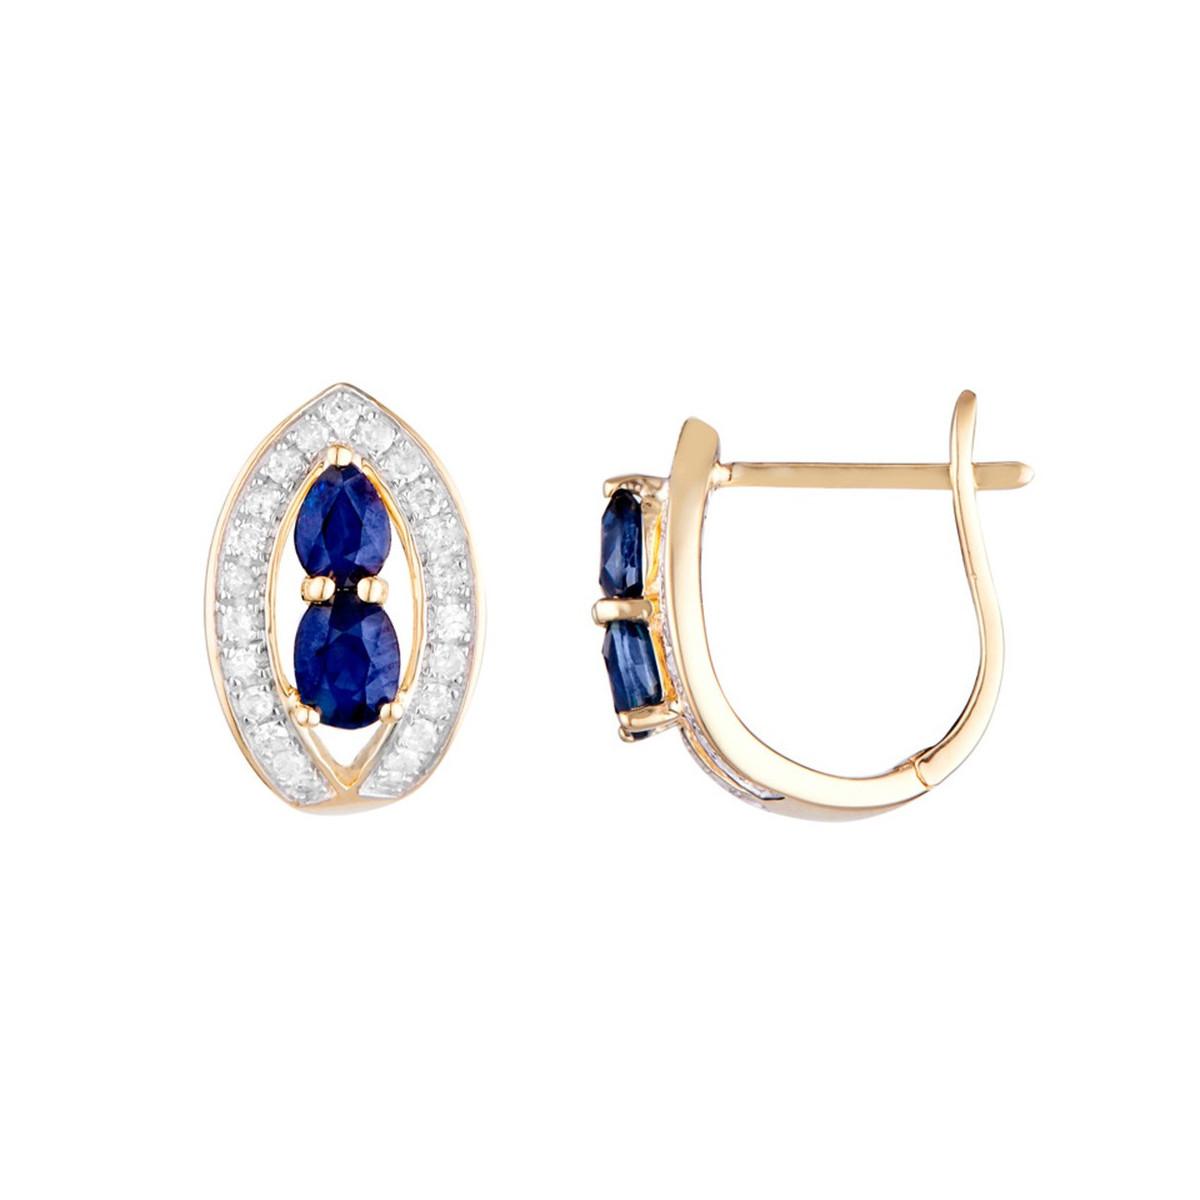 """Boucles d'oreilles Or Jaune, Diamants 0,23 carat et Saphirs 1,1 carat """"WESTEROS"""""""